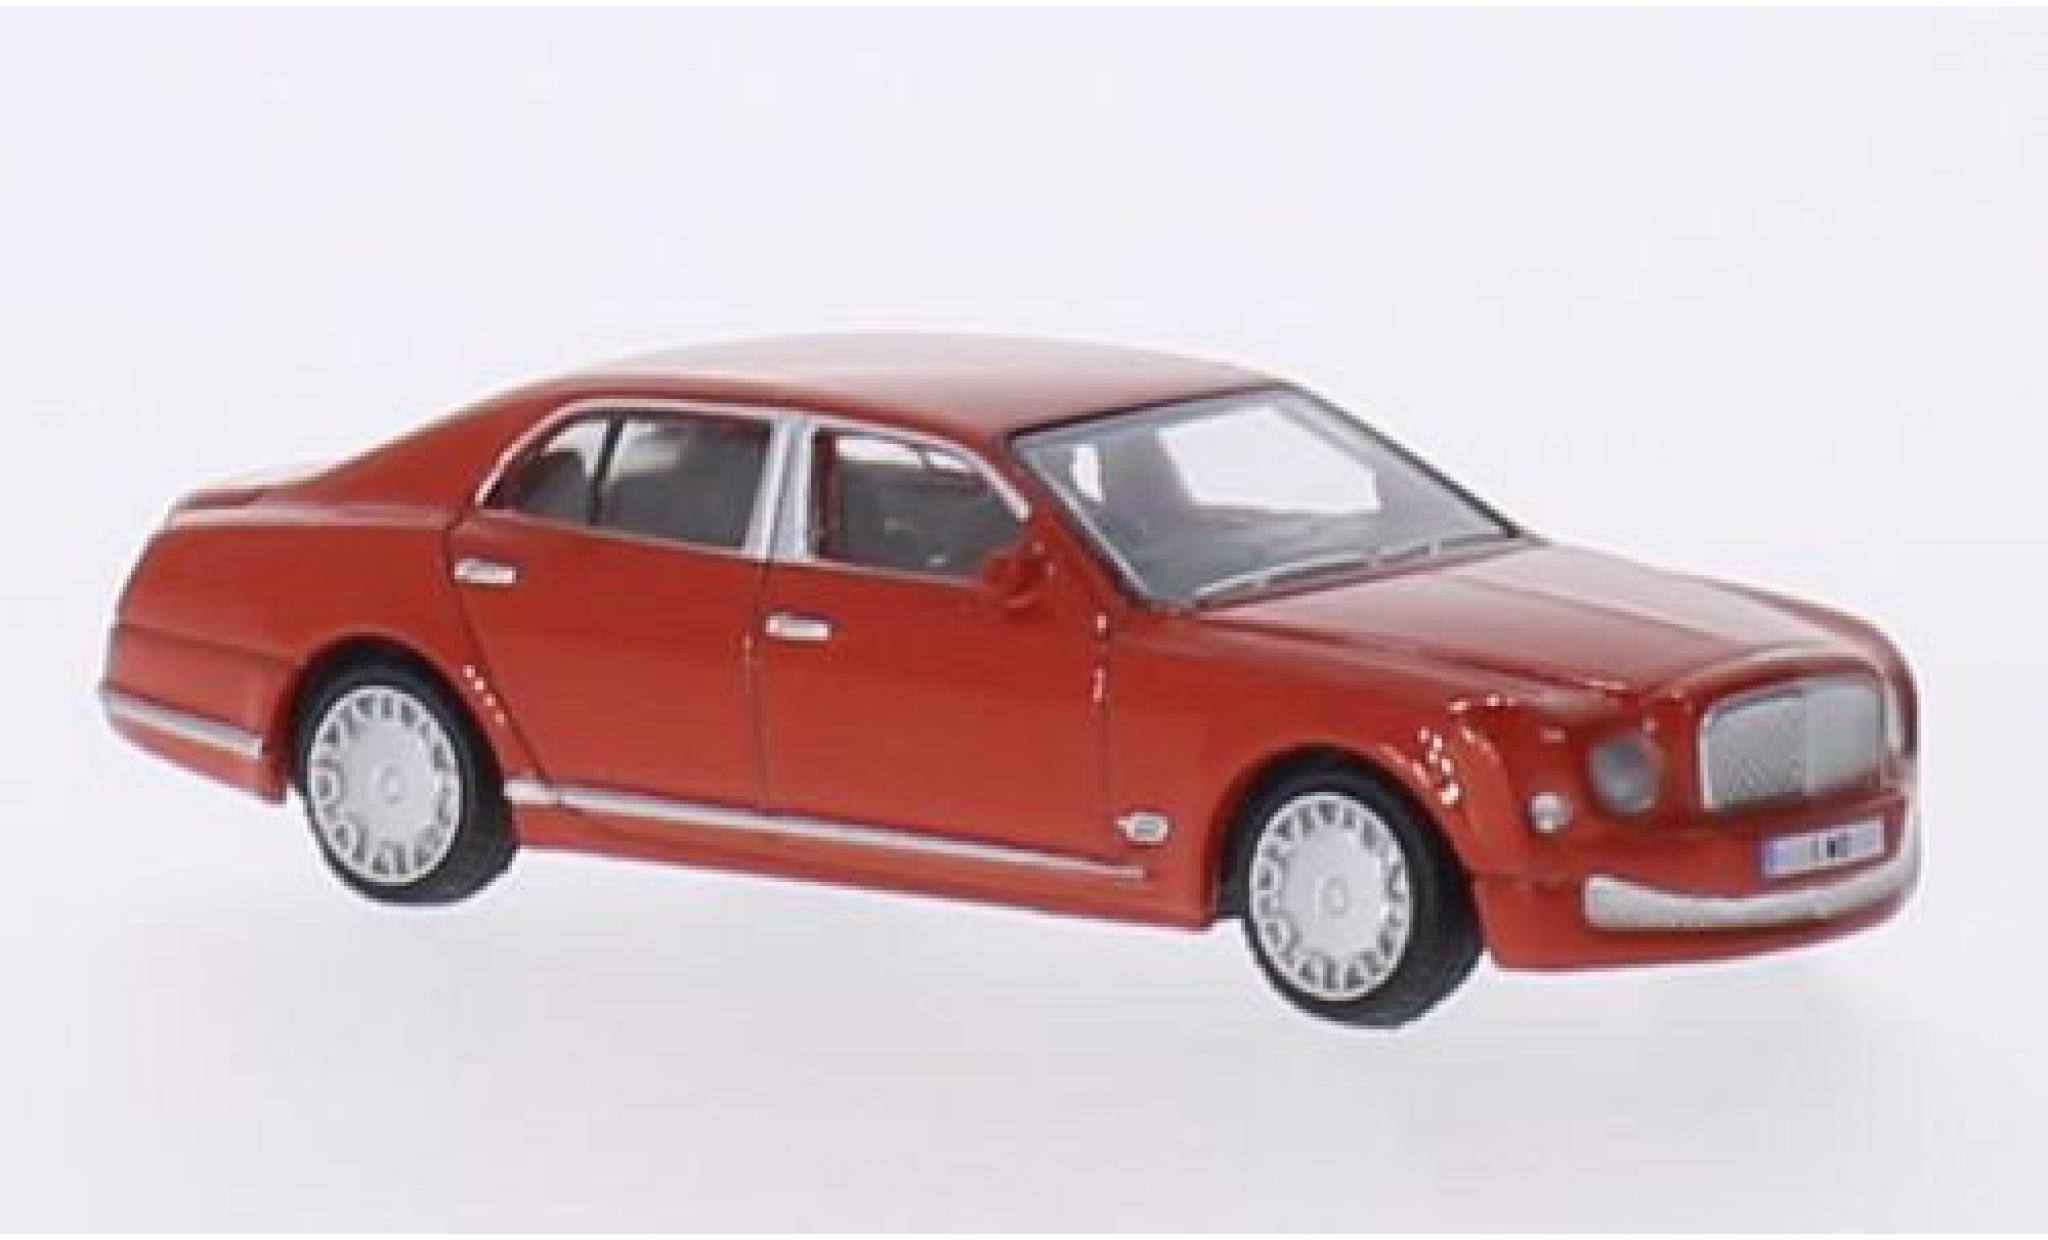 Bentley Mulsanne 1/76 Oxford rosso RHD